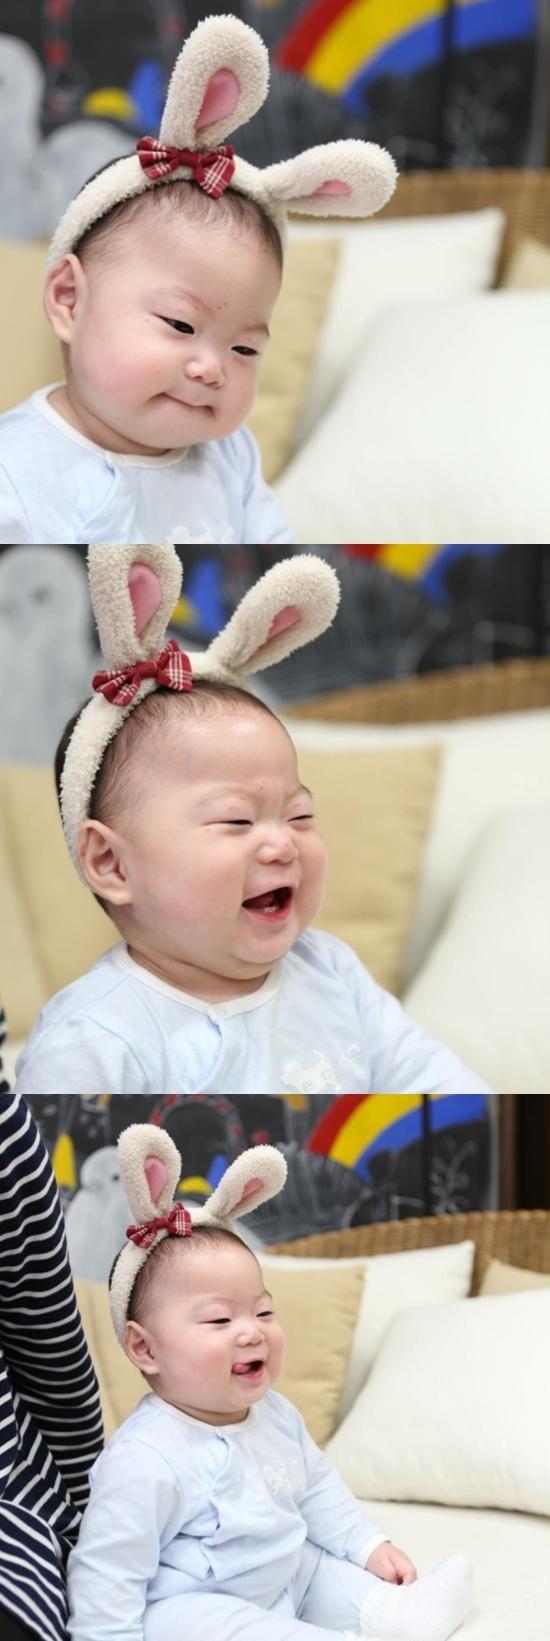 宋一國曬萬歲嬰兒照 萌娃趣味滿滿